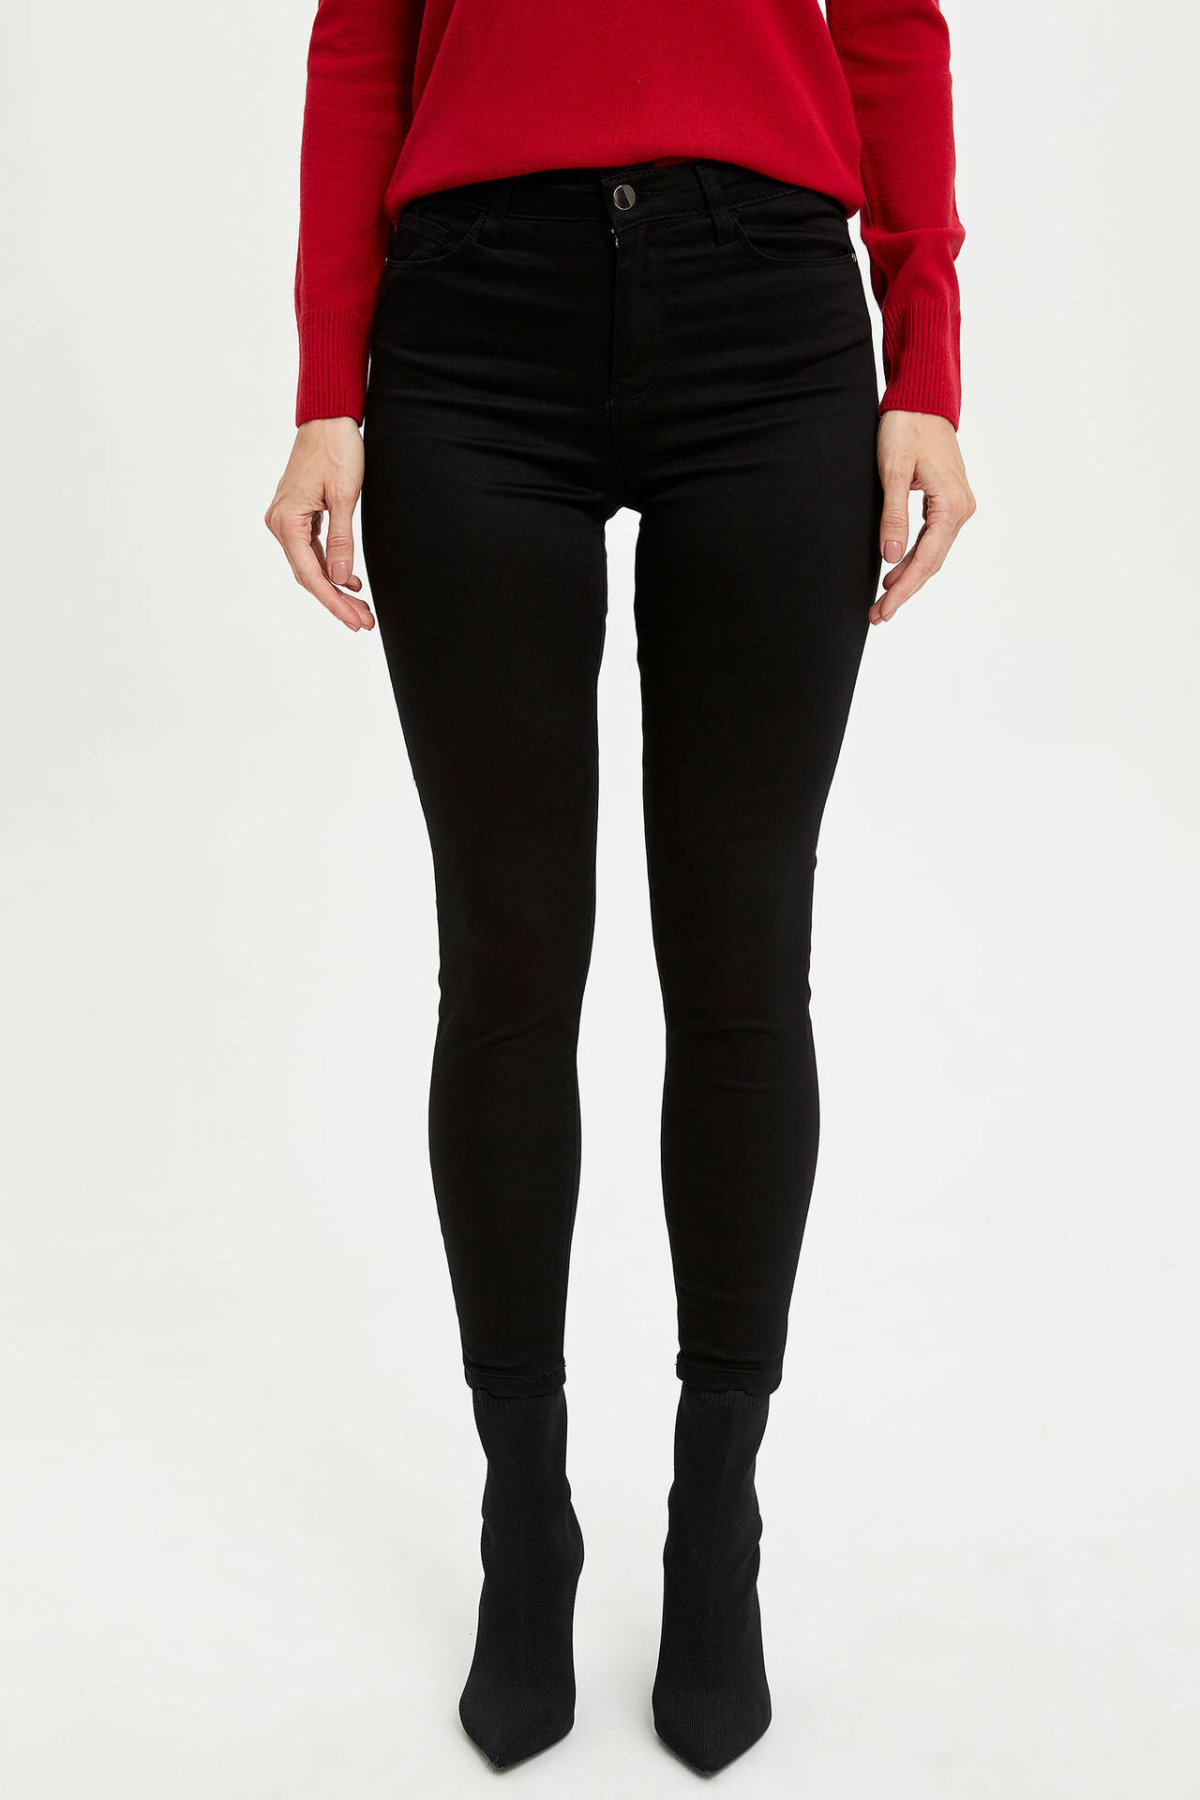 DeFacto Female Fashion Solid Leisure Pencil Trousers For Women's Casual Slim Pants Comfort Long Pants Ladies -M1442AZ19AU